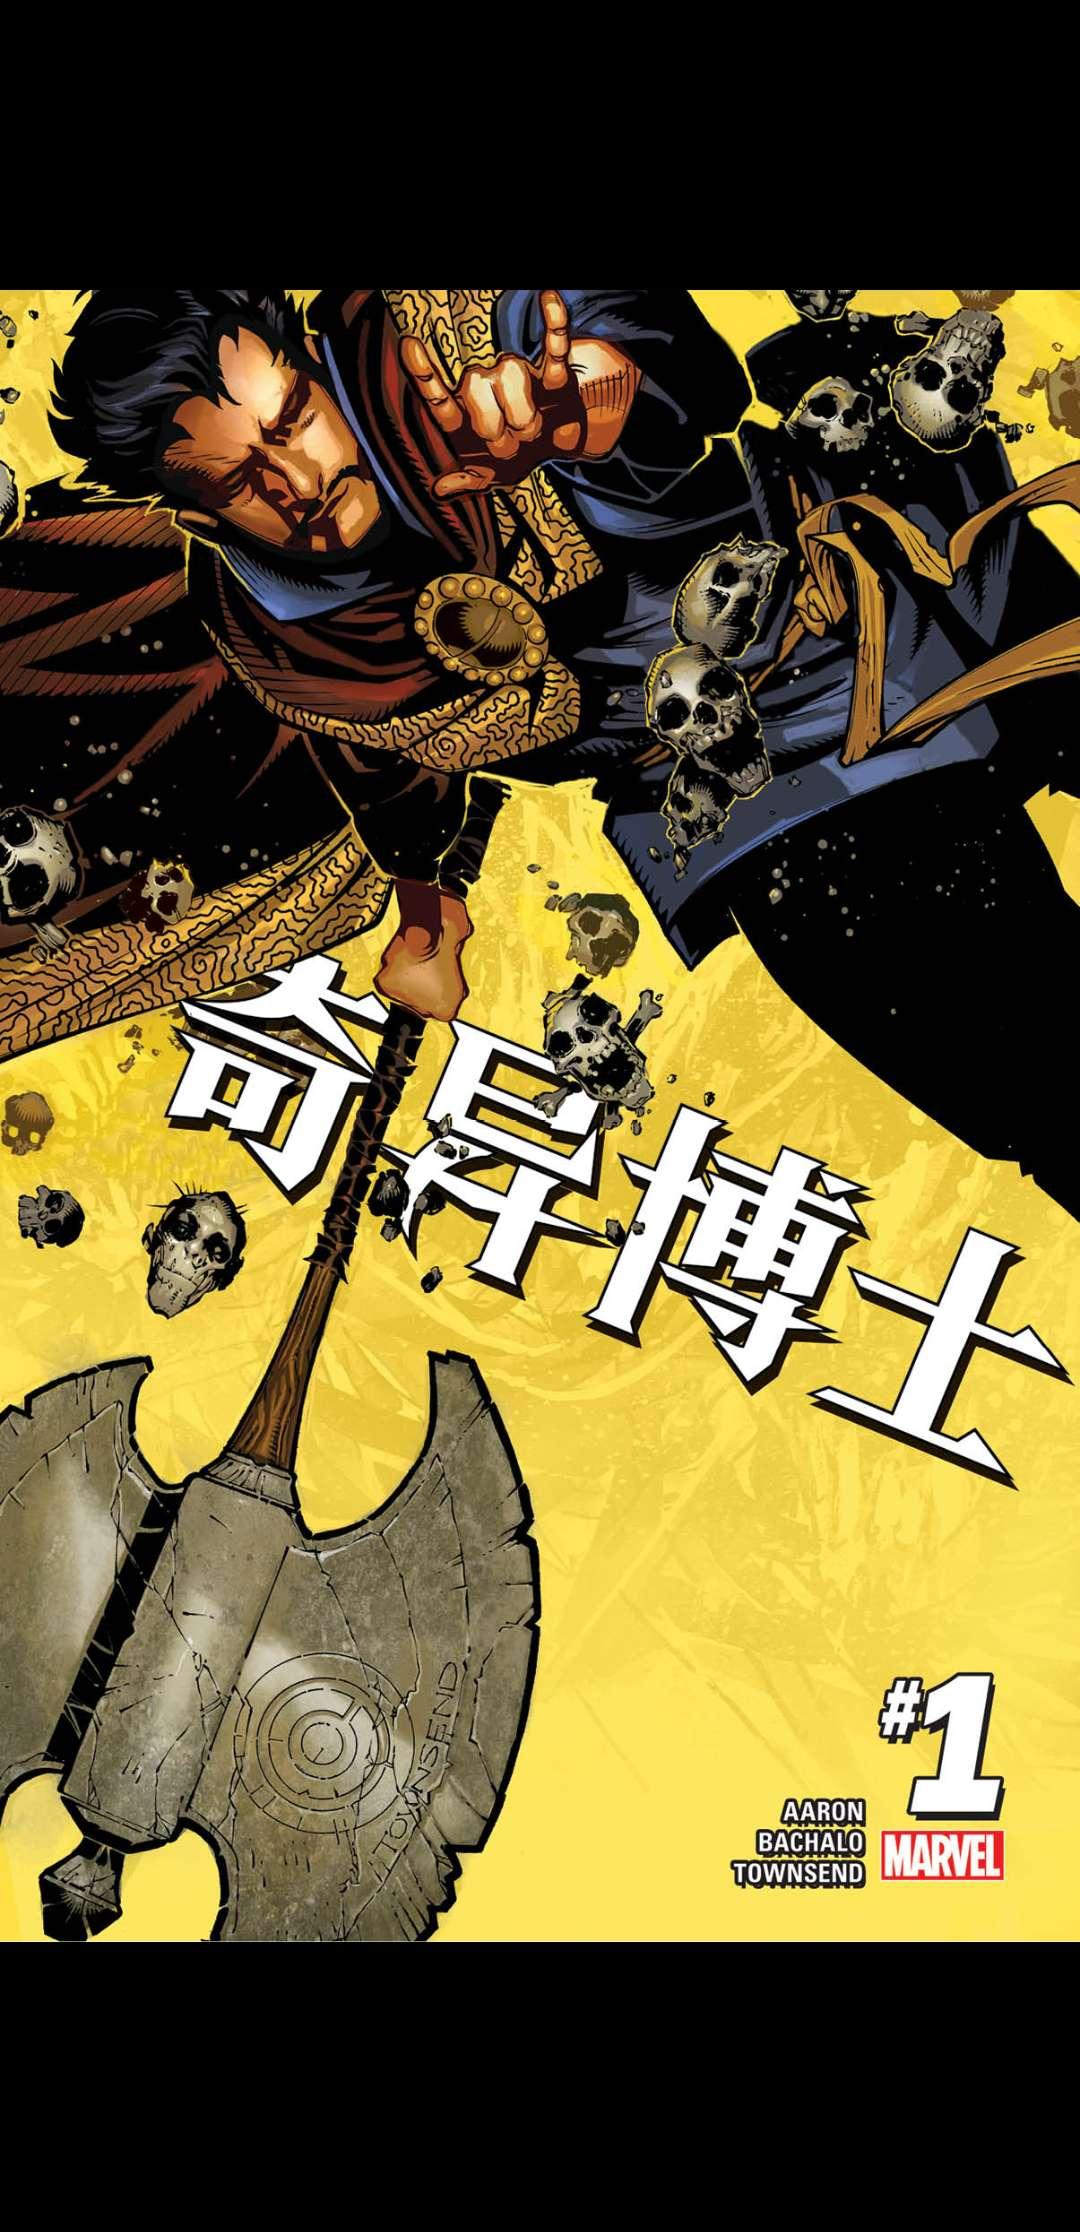 【漫画】漫威英雄系列奇异博士 搬砖分享